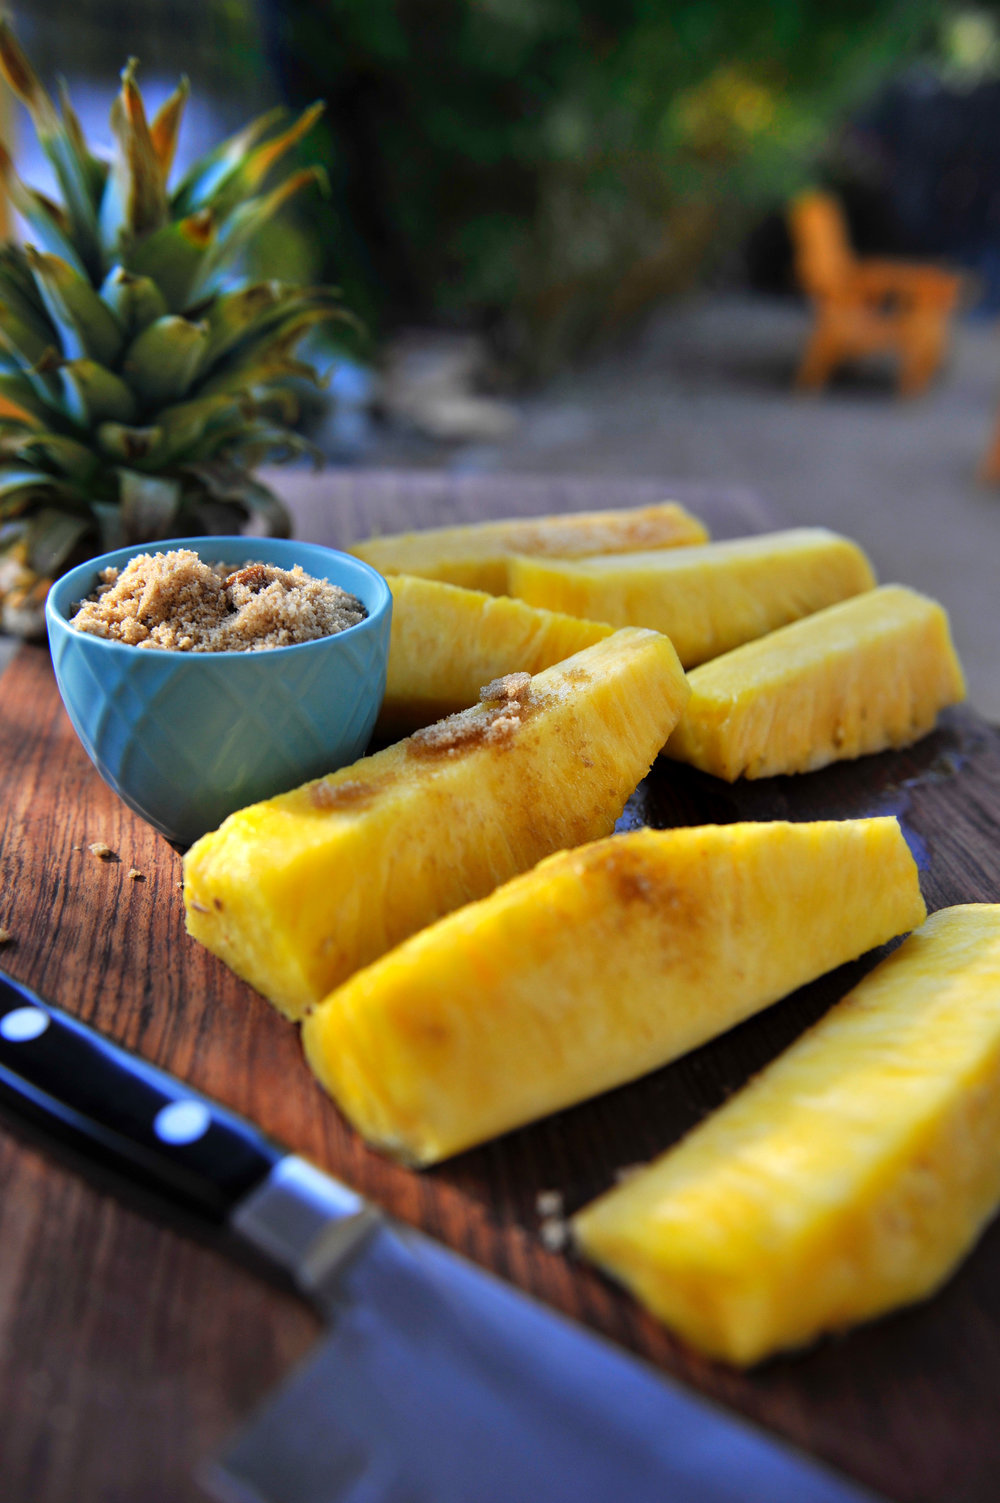 BBQ_pineapple_backyard.darren_johnson.jpg